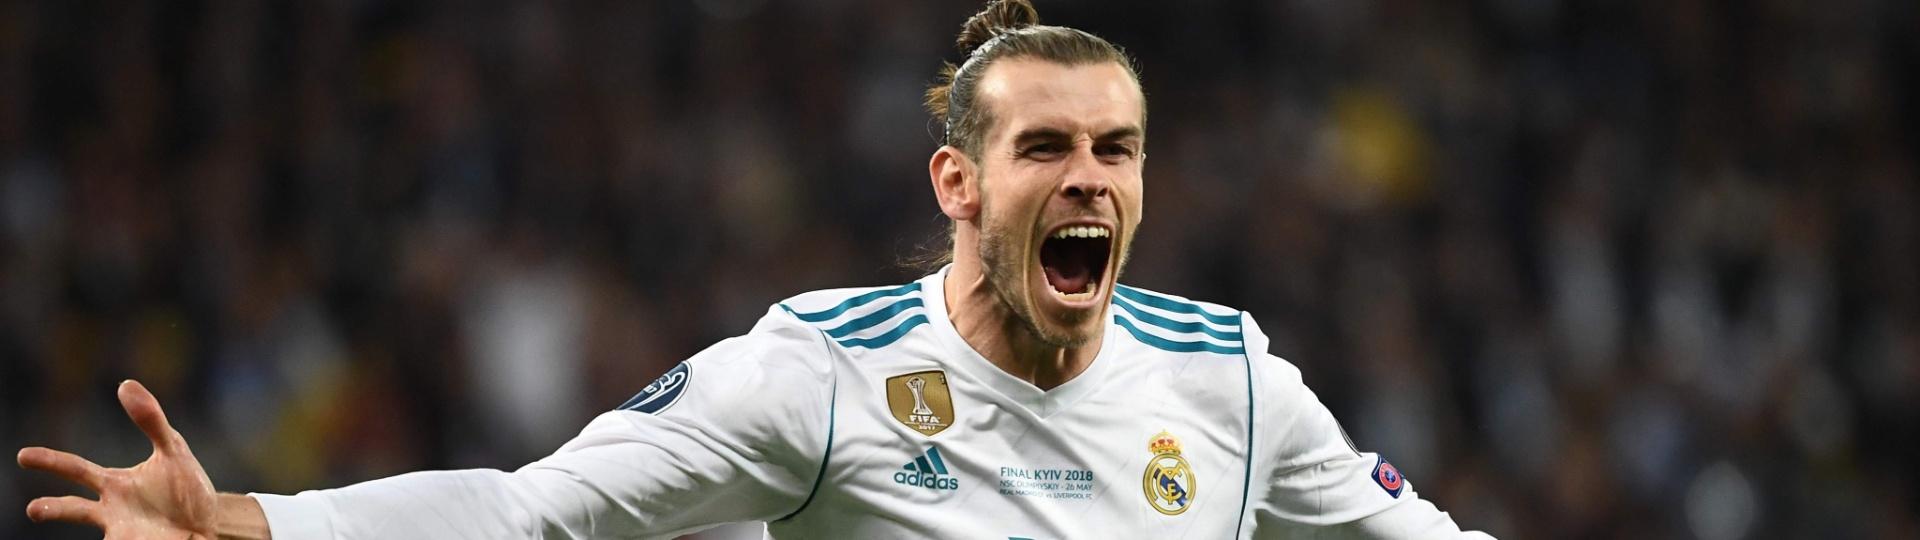 Bale comemora gol contra o Liverpool na Liga dos Campeões